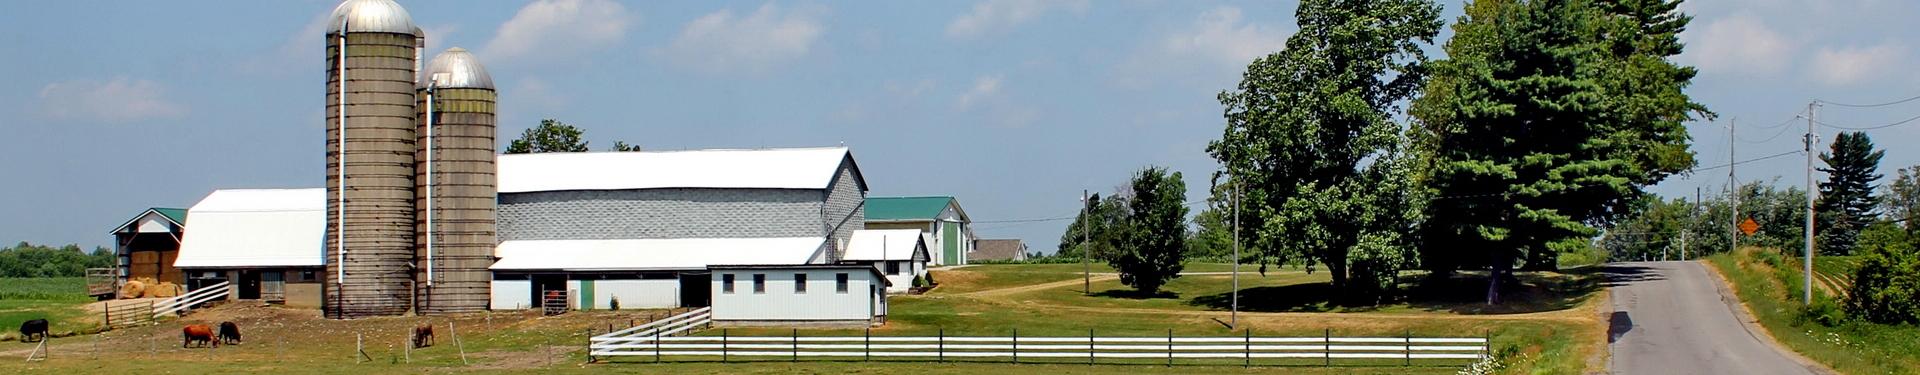 Αδειοδοτήσεις Κτηνοτροφικών Εγκαταστάσεων